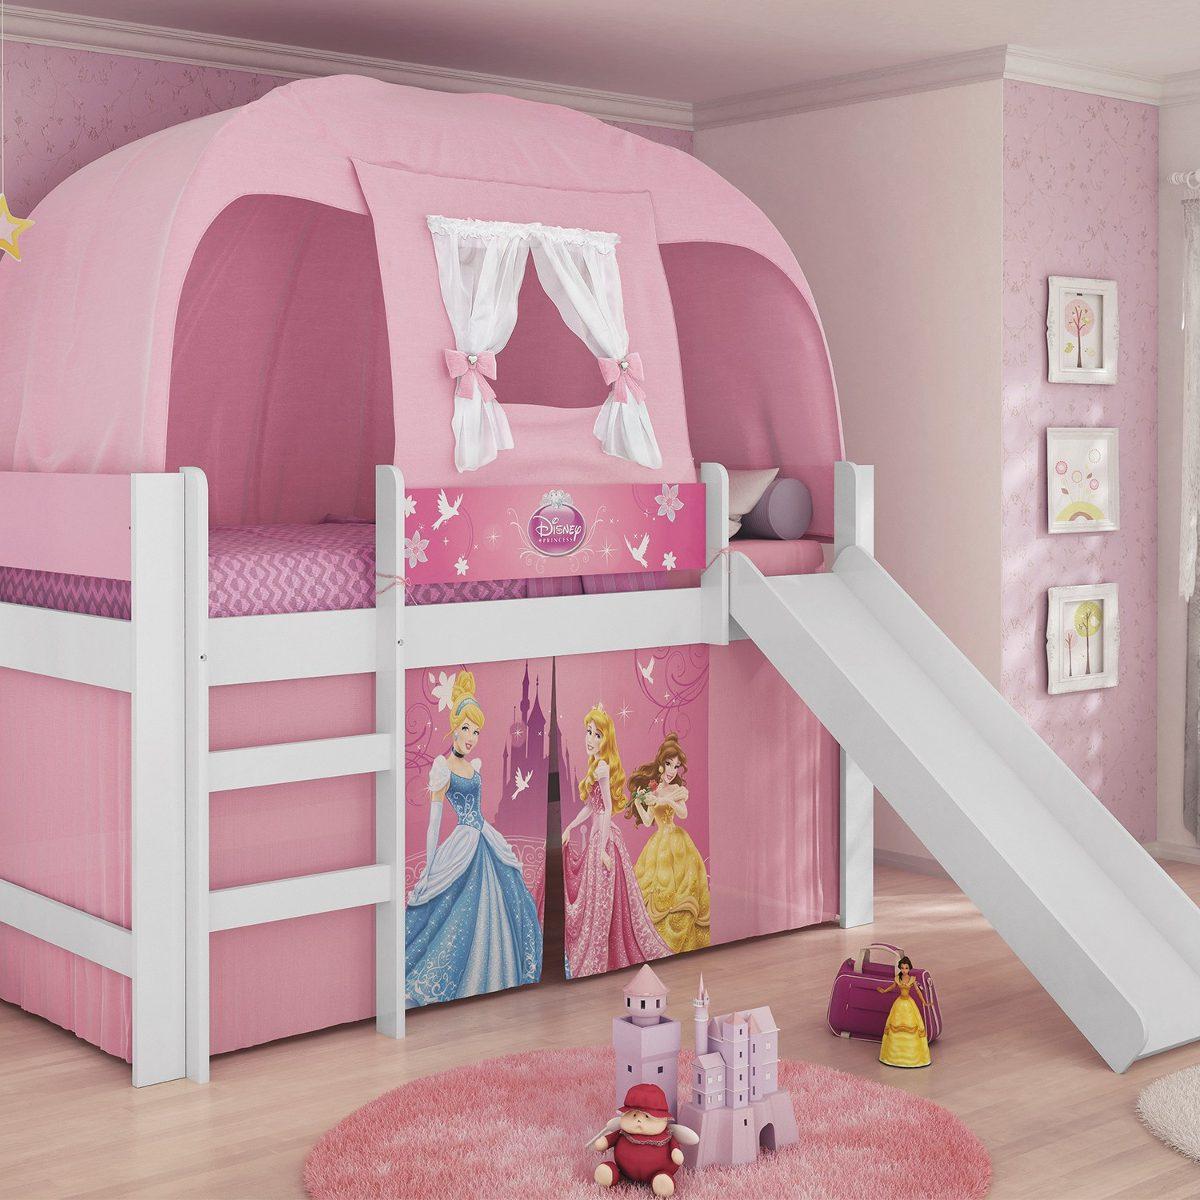 Cama princesas disney play com escorregador e barraca pura r em mercado livre - Camas de princesas ...